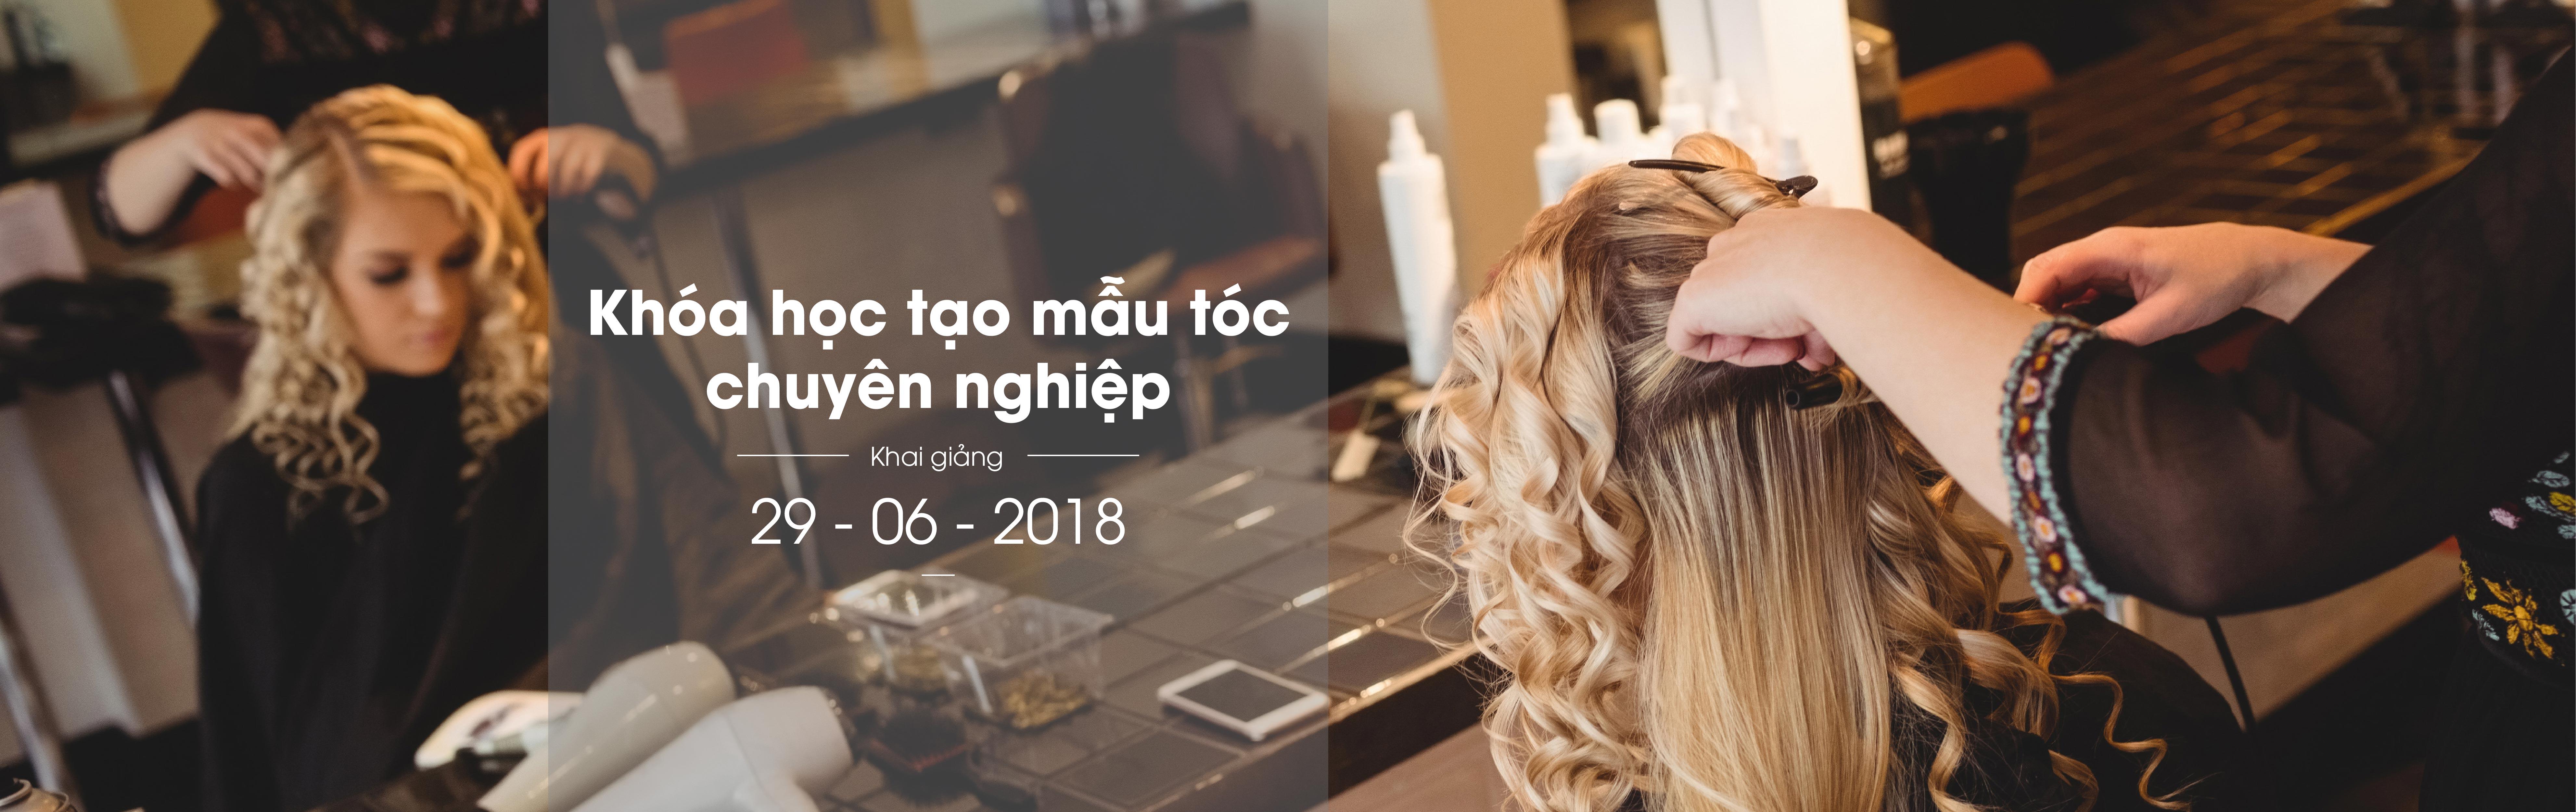 Tuyển sinh khóa học tạo mẫu tóc chuyên nghiệp